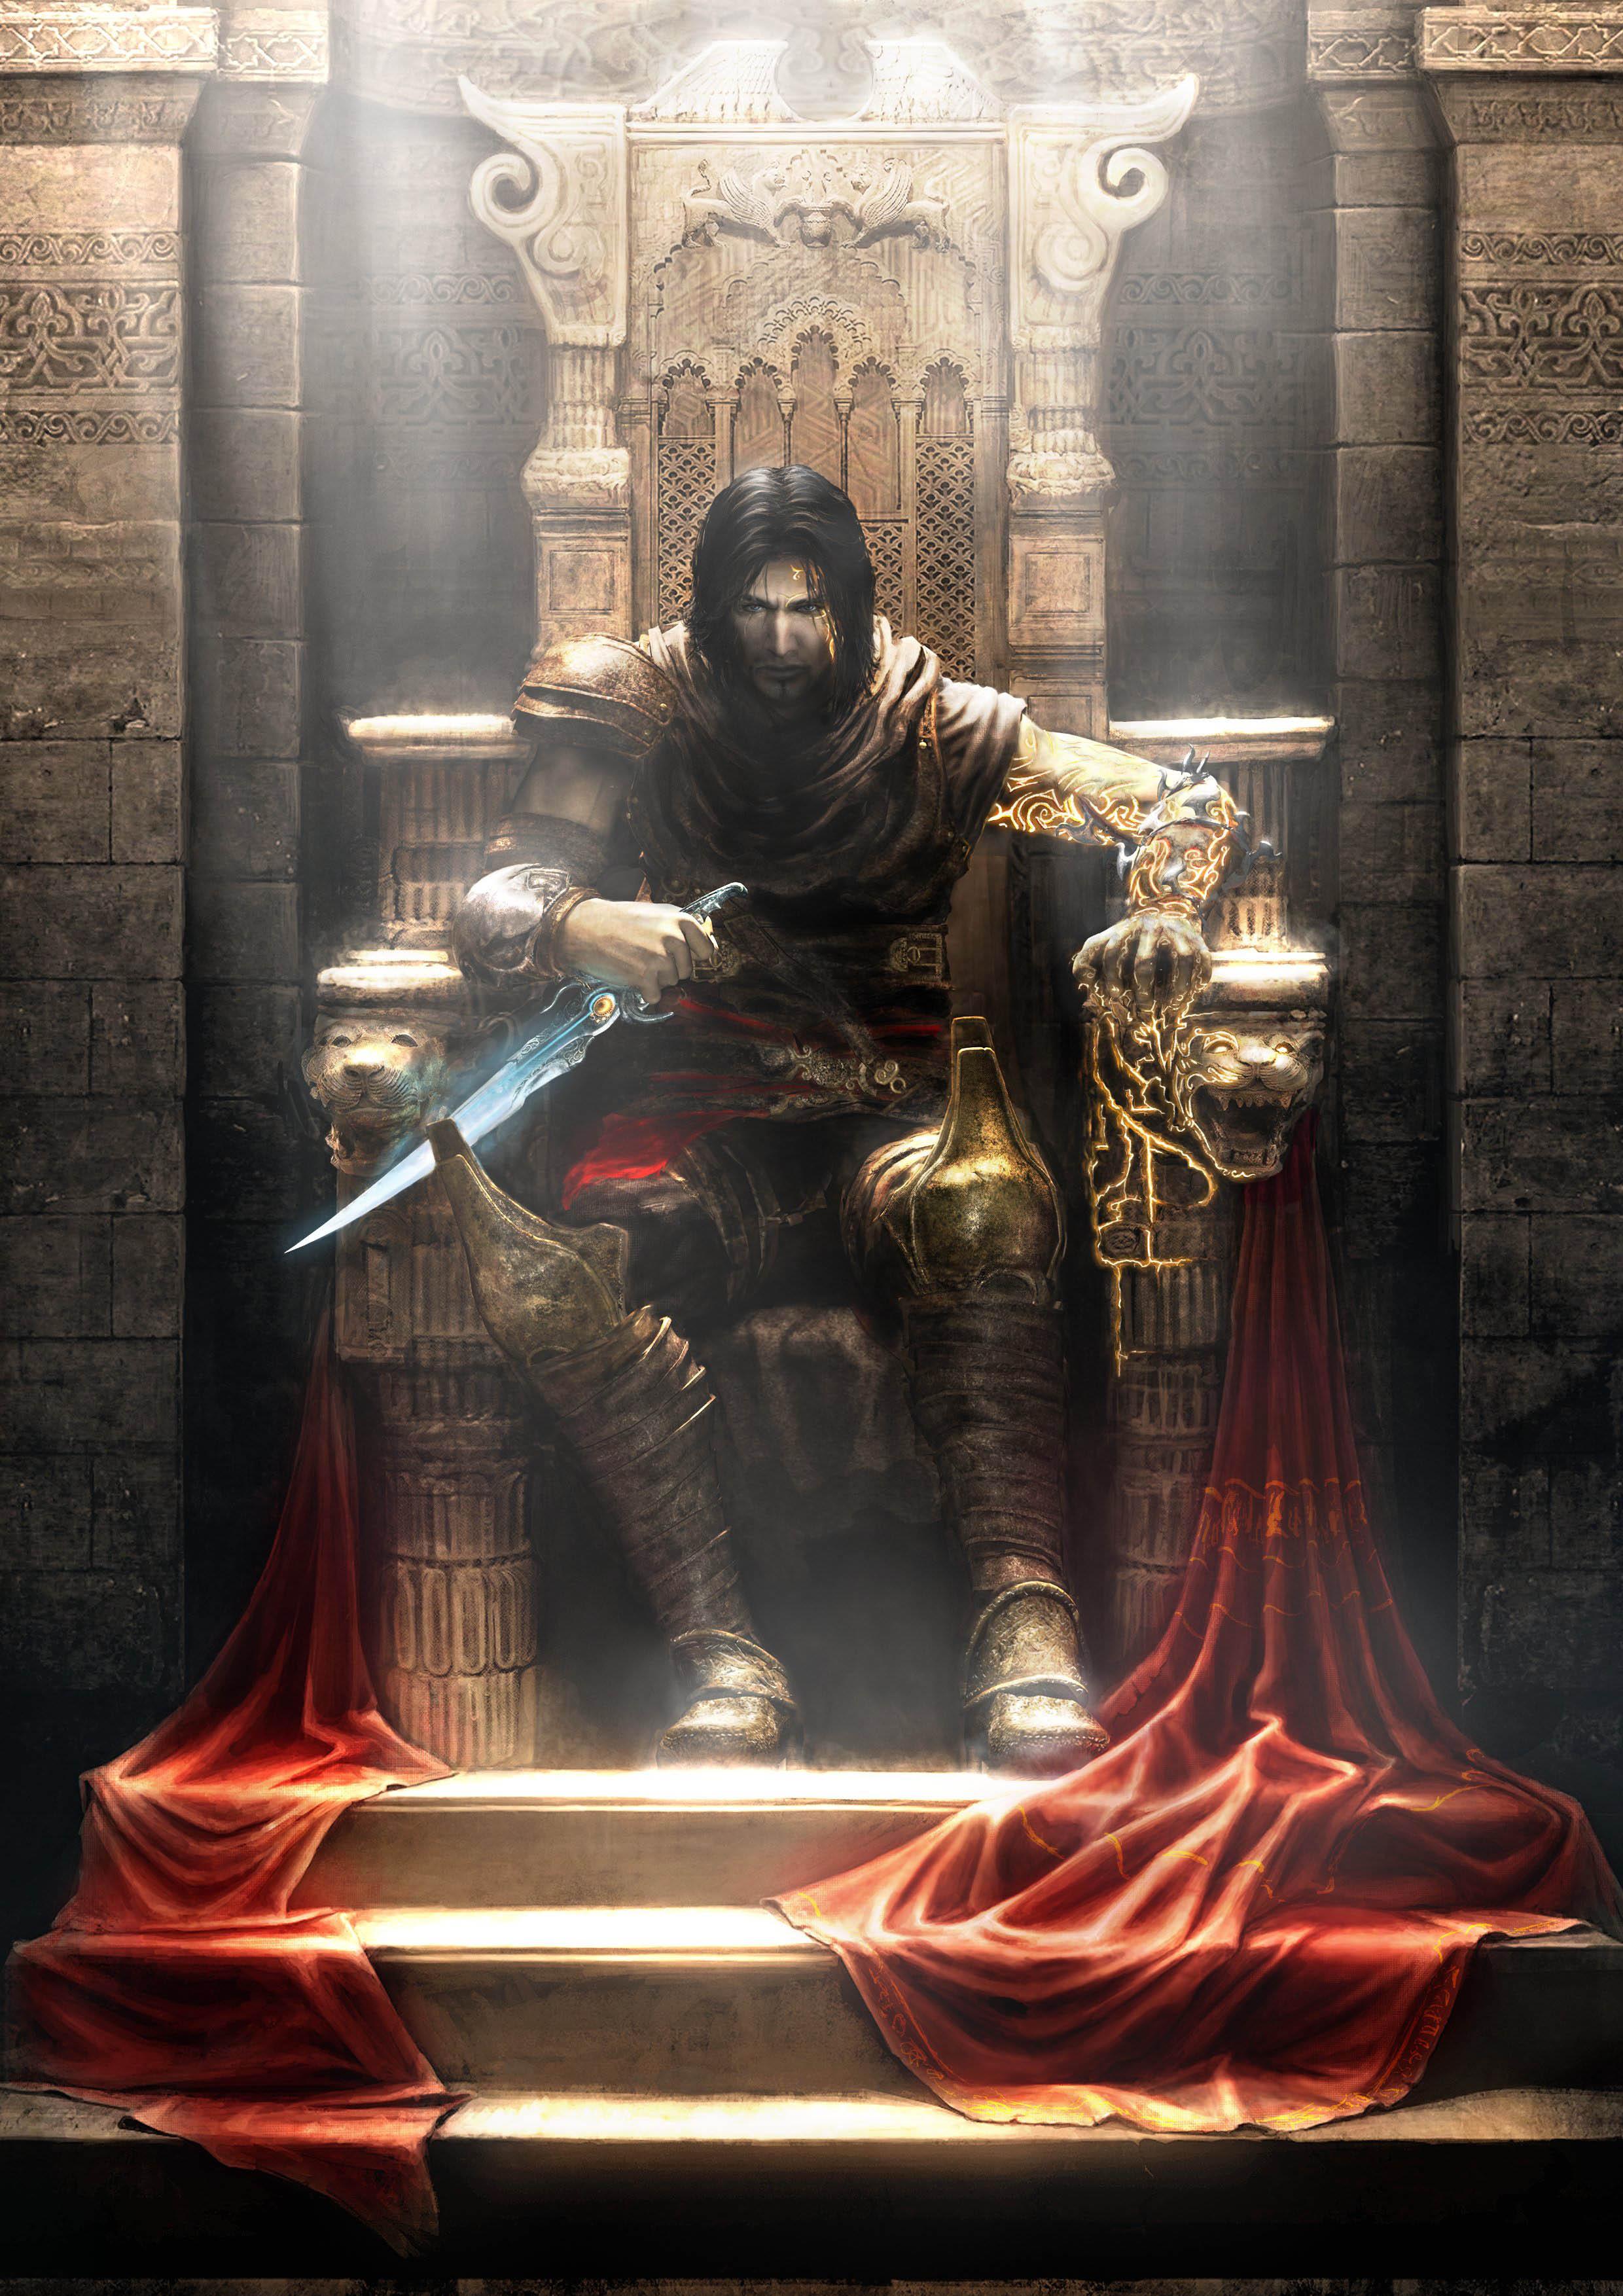 13254 Hintergrundbild herunterladen Spiele, Menschen, Männer, Prince Of Persia - Bildschirmschoner und Bilder kostenlos